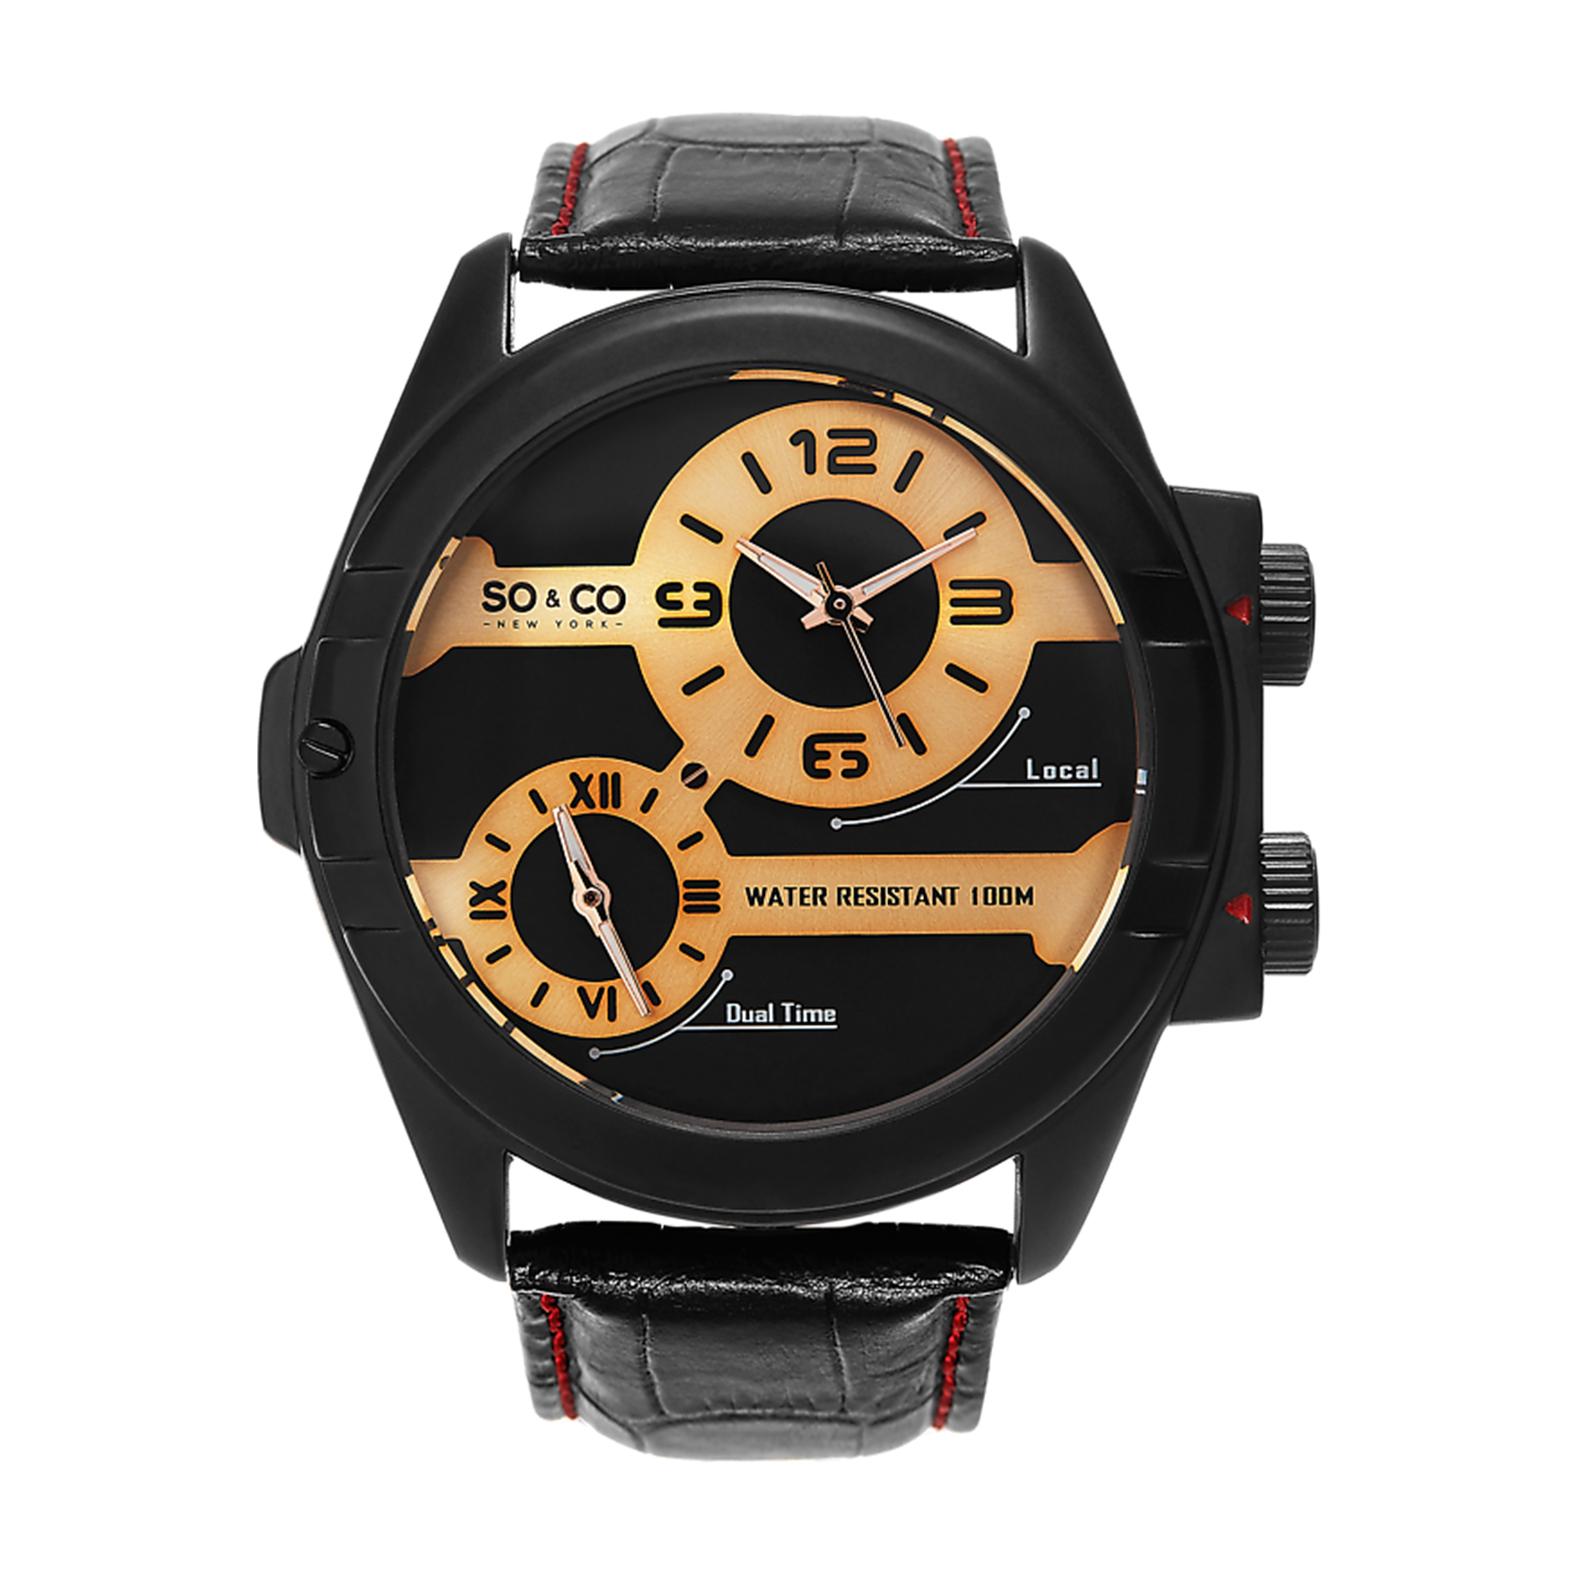 ساعت مچی عقربه ای مردانه سو اند کو مدل 5209.2